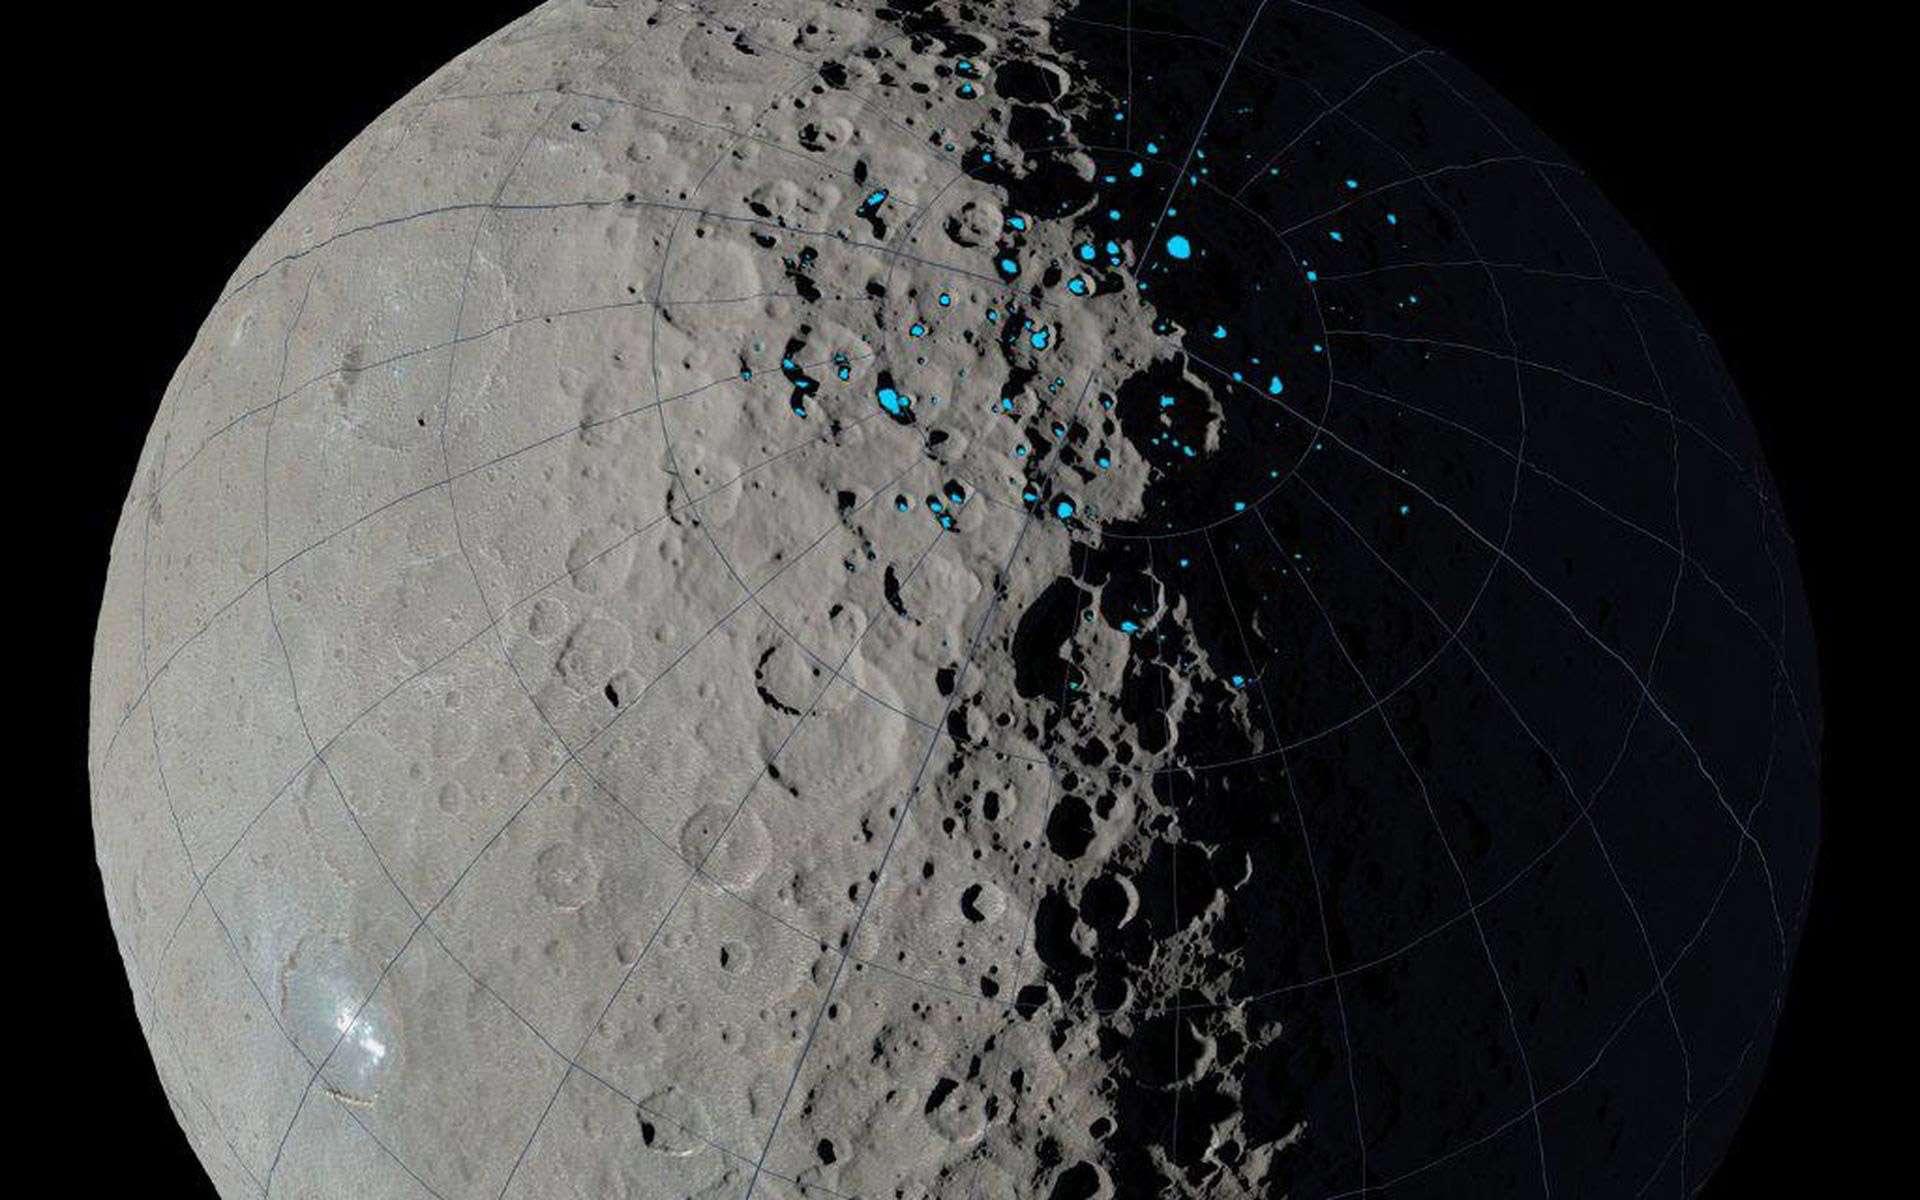 Comme sur la Lune, les pôles de Cérès sont tapis de cratères dont les planchers sont constamment à l'ombre du Soleil. Et, comme sur la Lune, les scientifiques soupçonnent qu'au fond de ces cratères gisent des dépôts de glace, accumulés depuis un milliard d'années. © Nasa ,JPL, UCLA, MPS, DLR, IDA